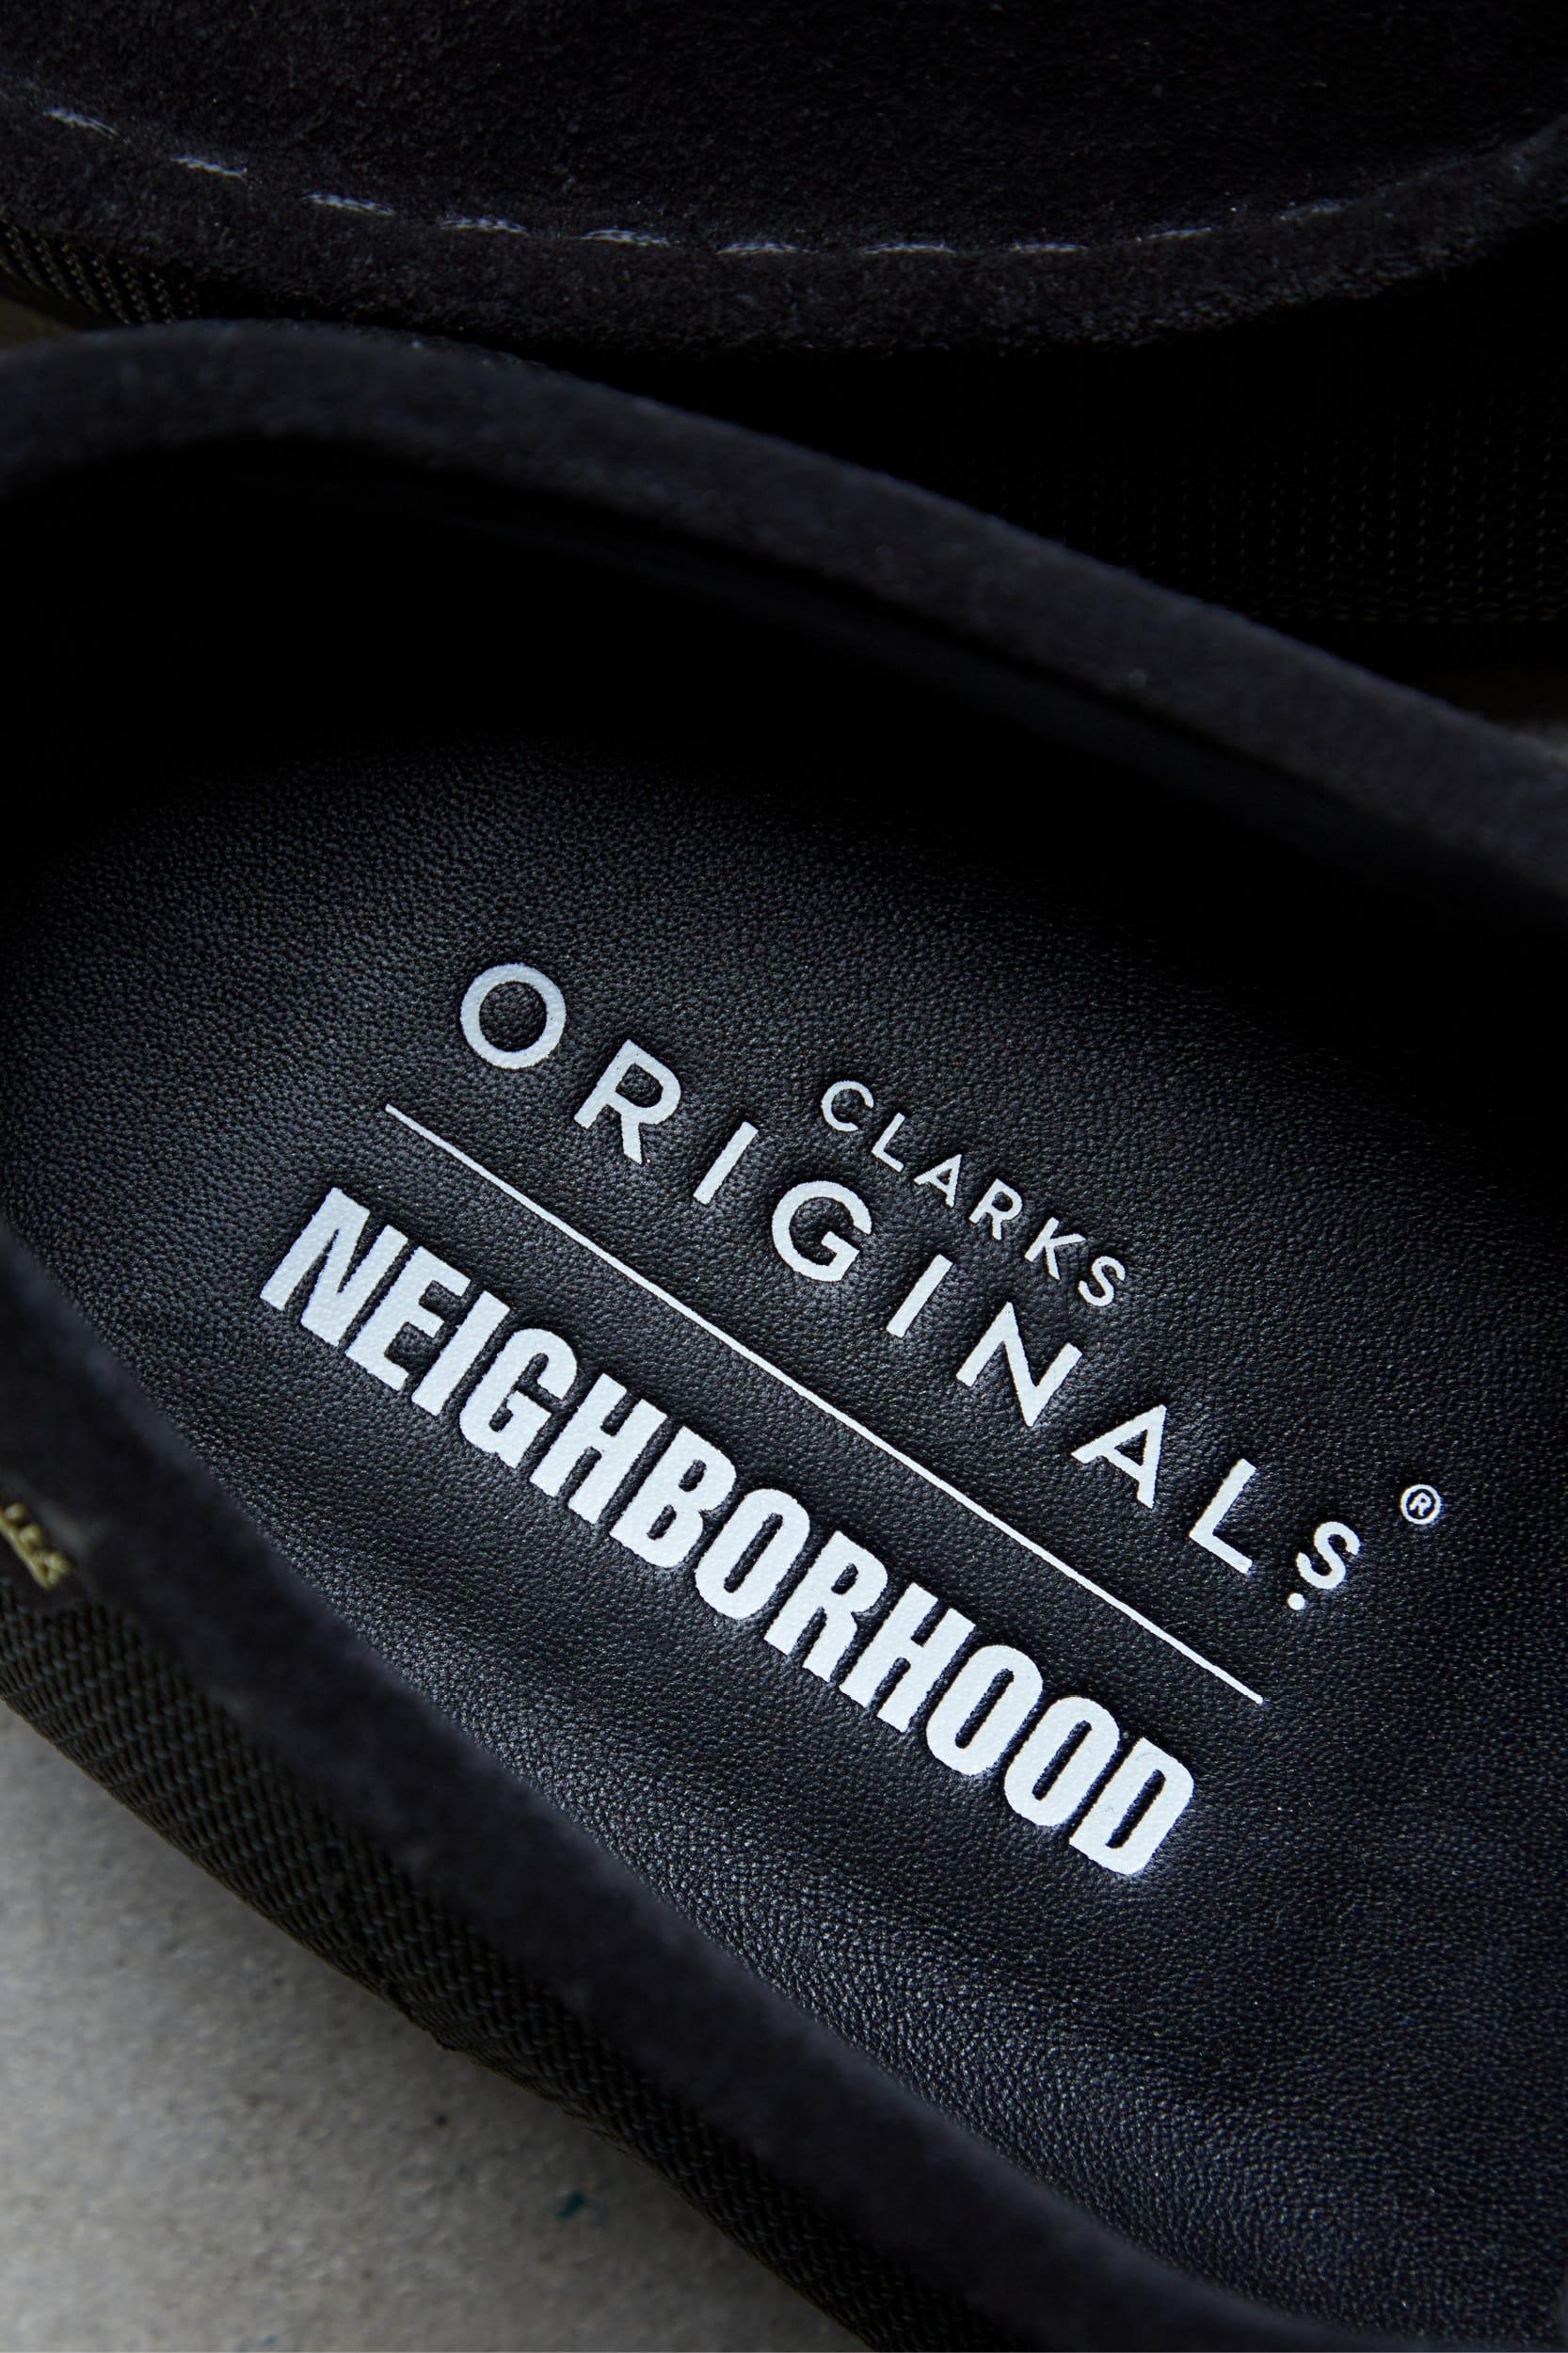 Clarks Originals x Neighborhood Pack